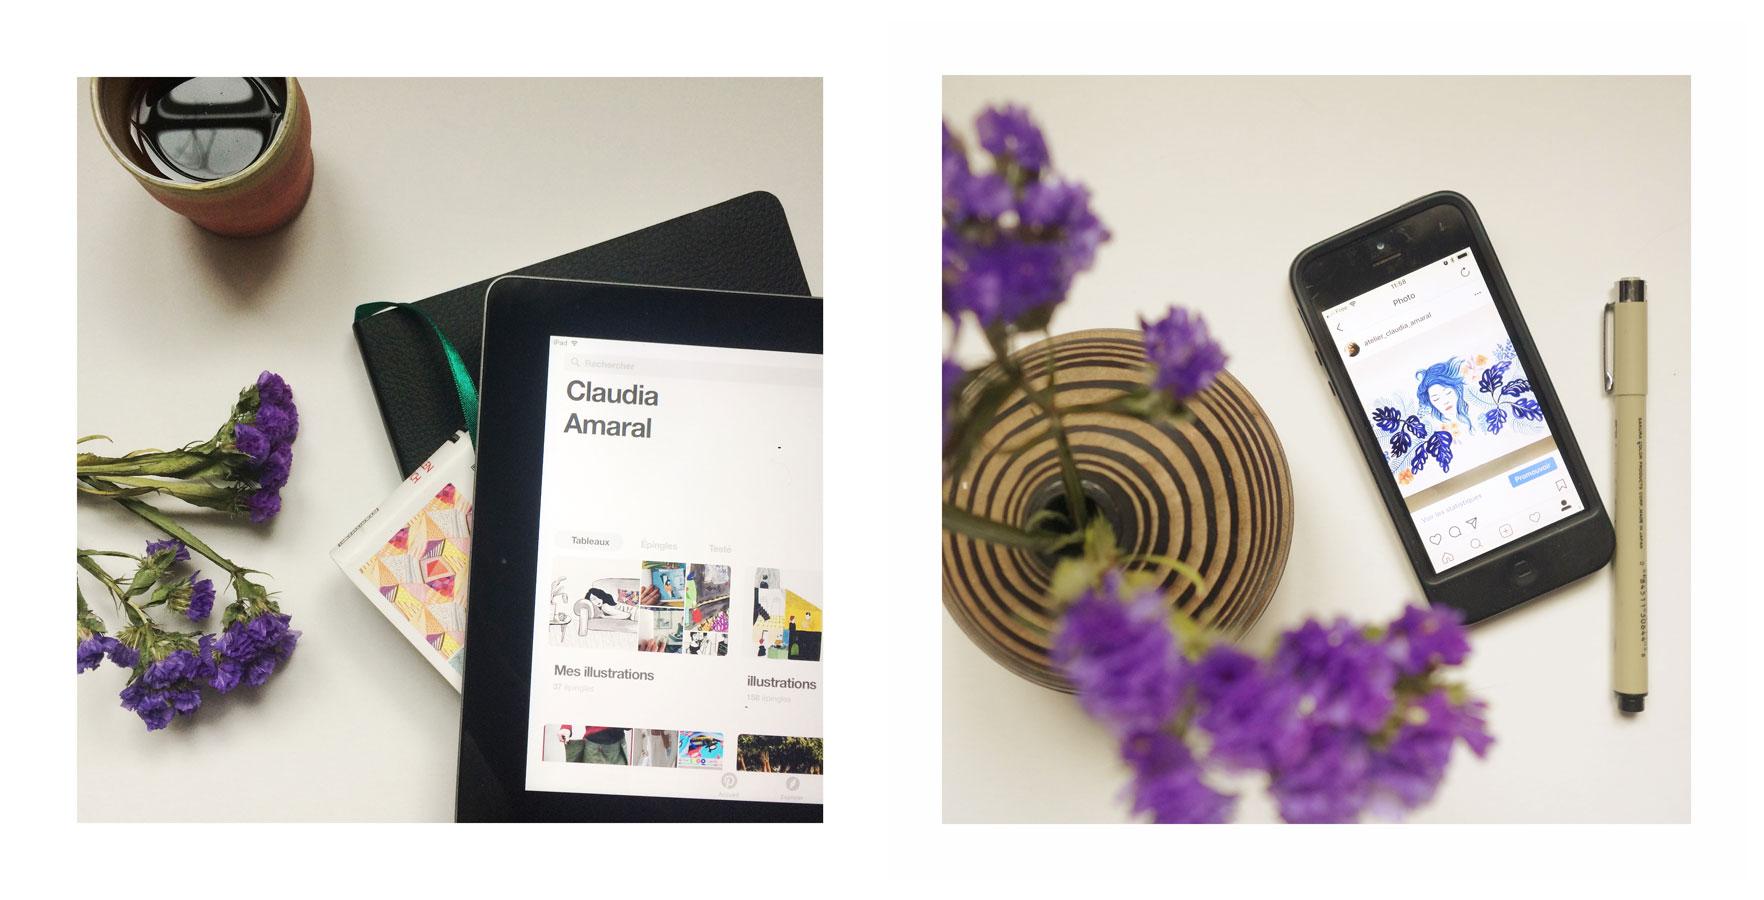 Une tablet et un smartphone affichant les réseaux sociaux de l'atelier Claudia Amaral